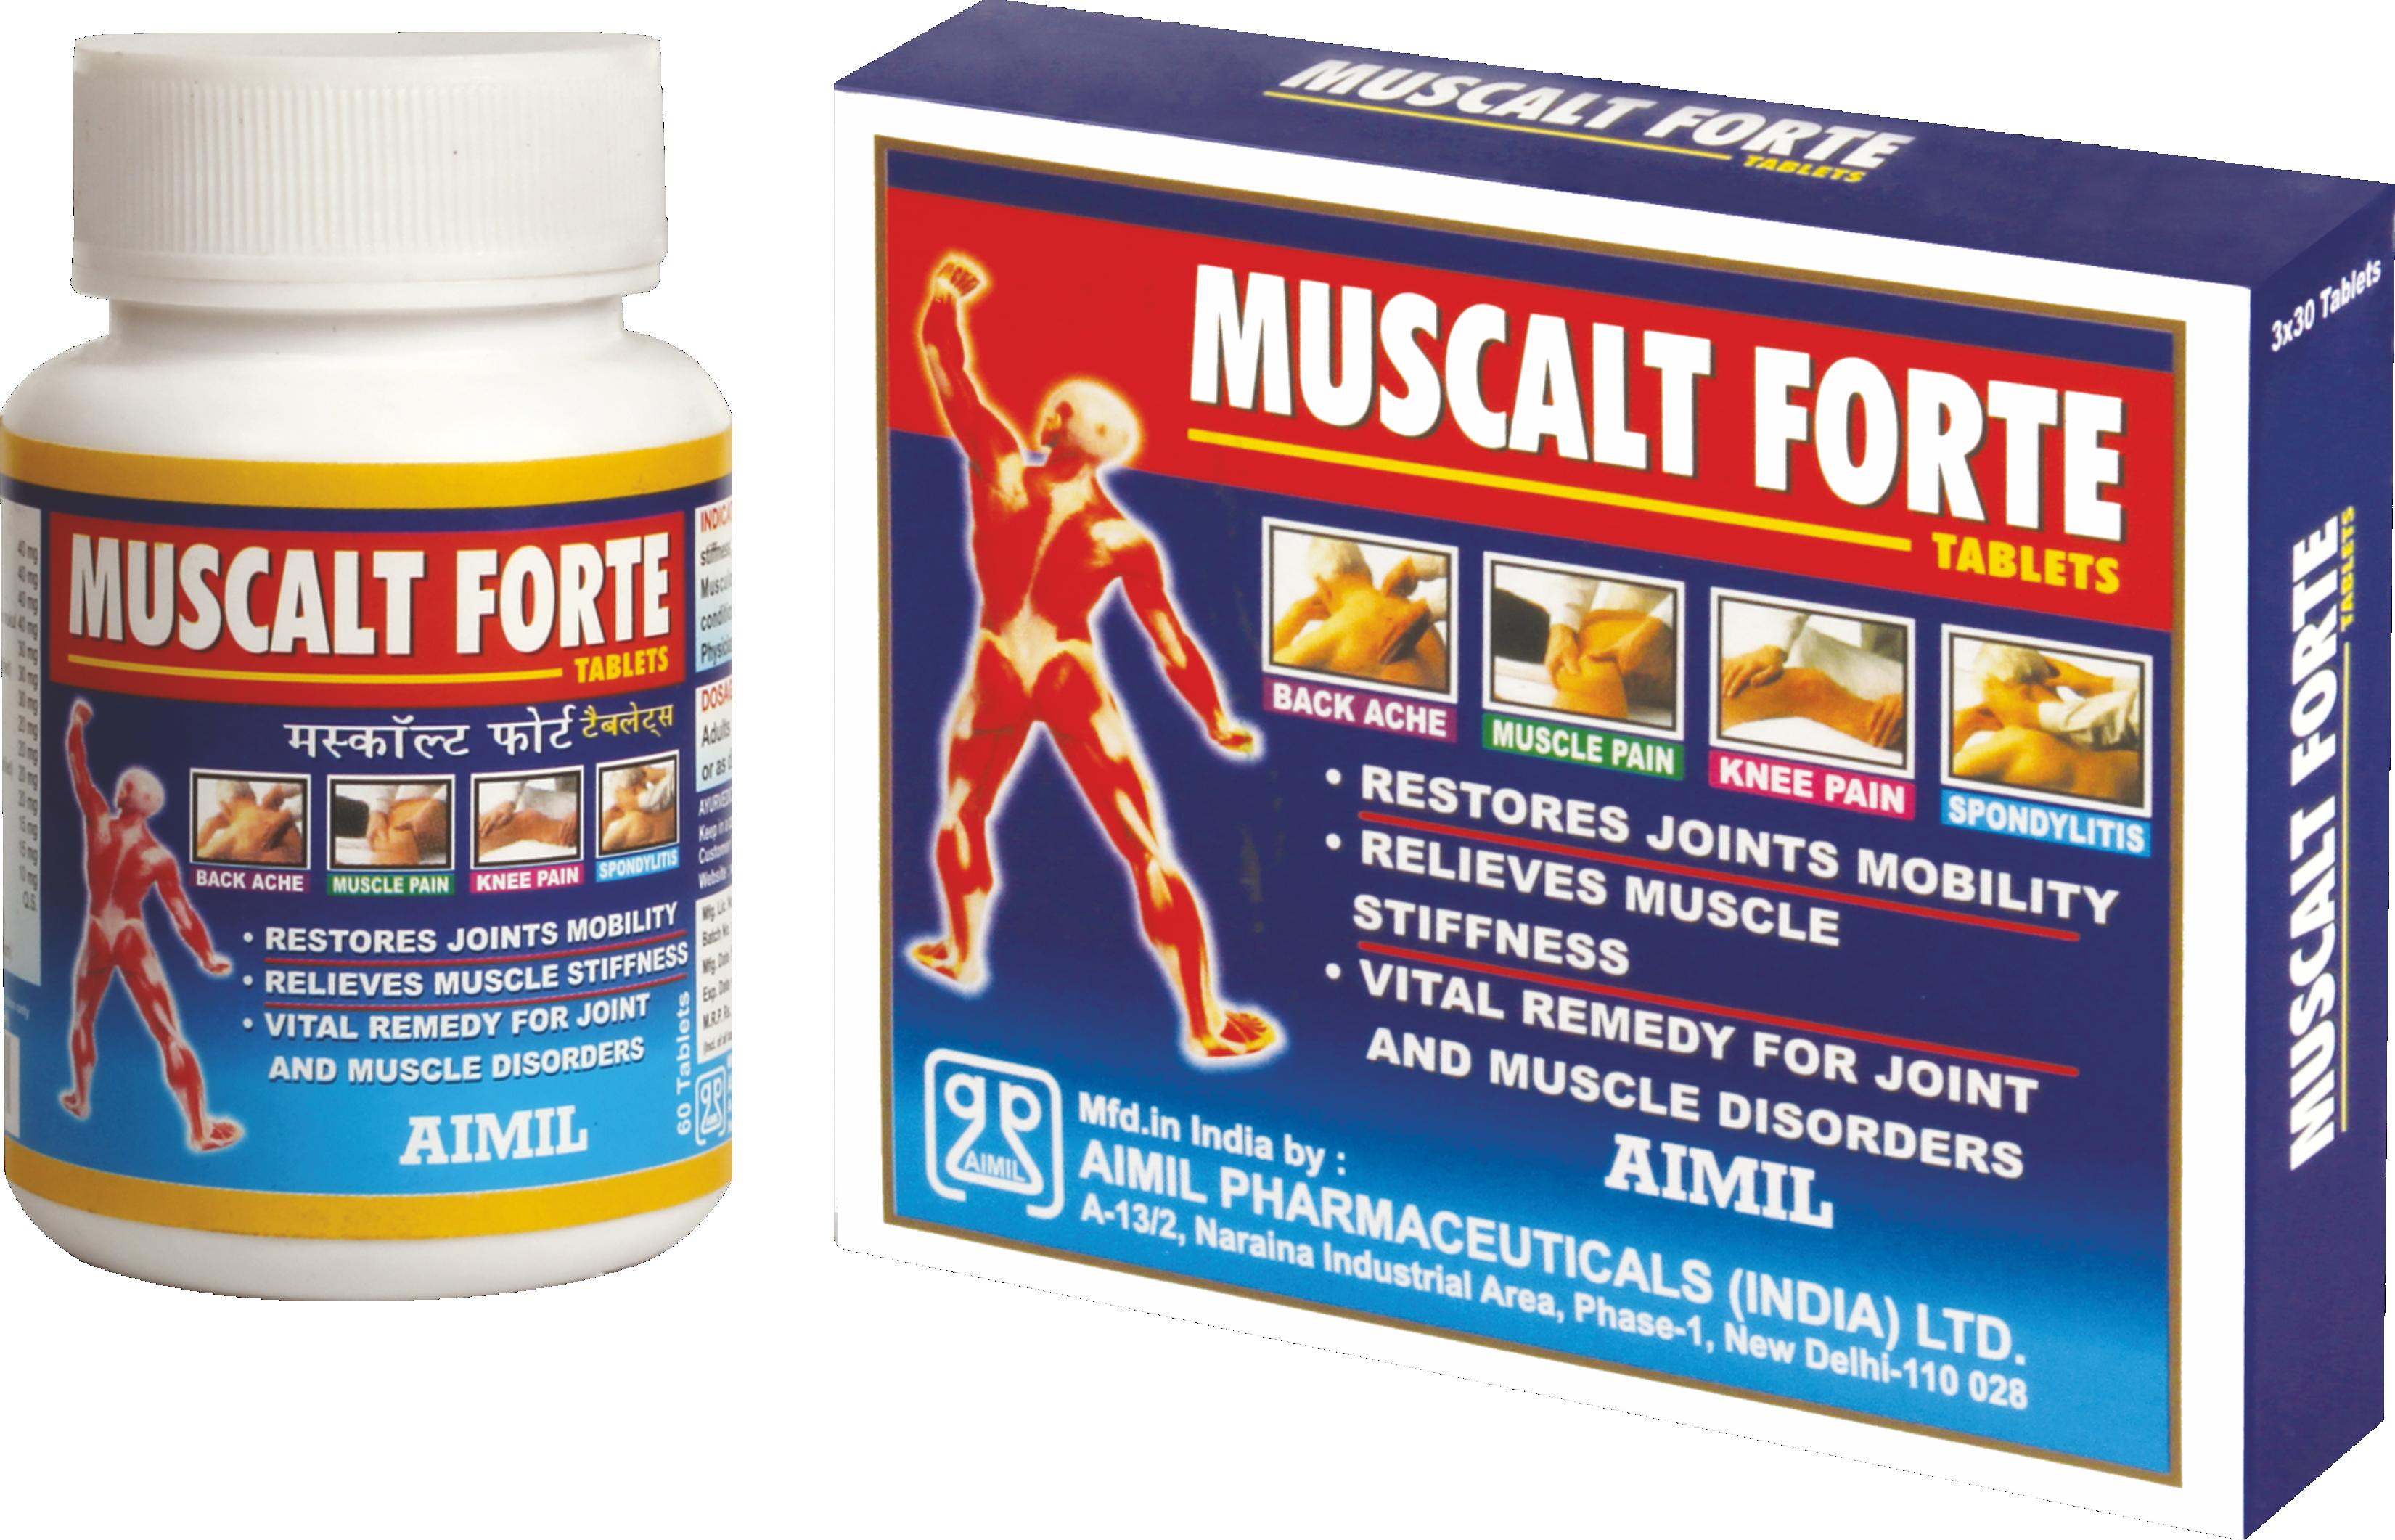 AIMIL - Muscalt Forte